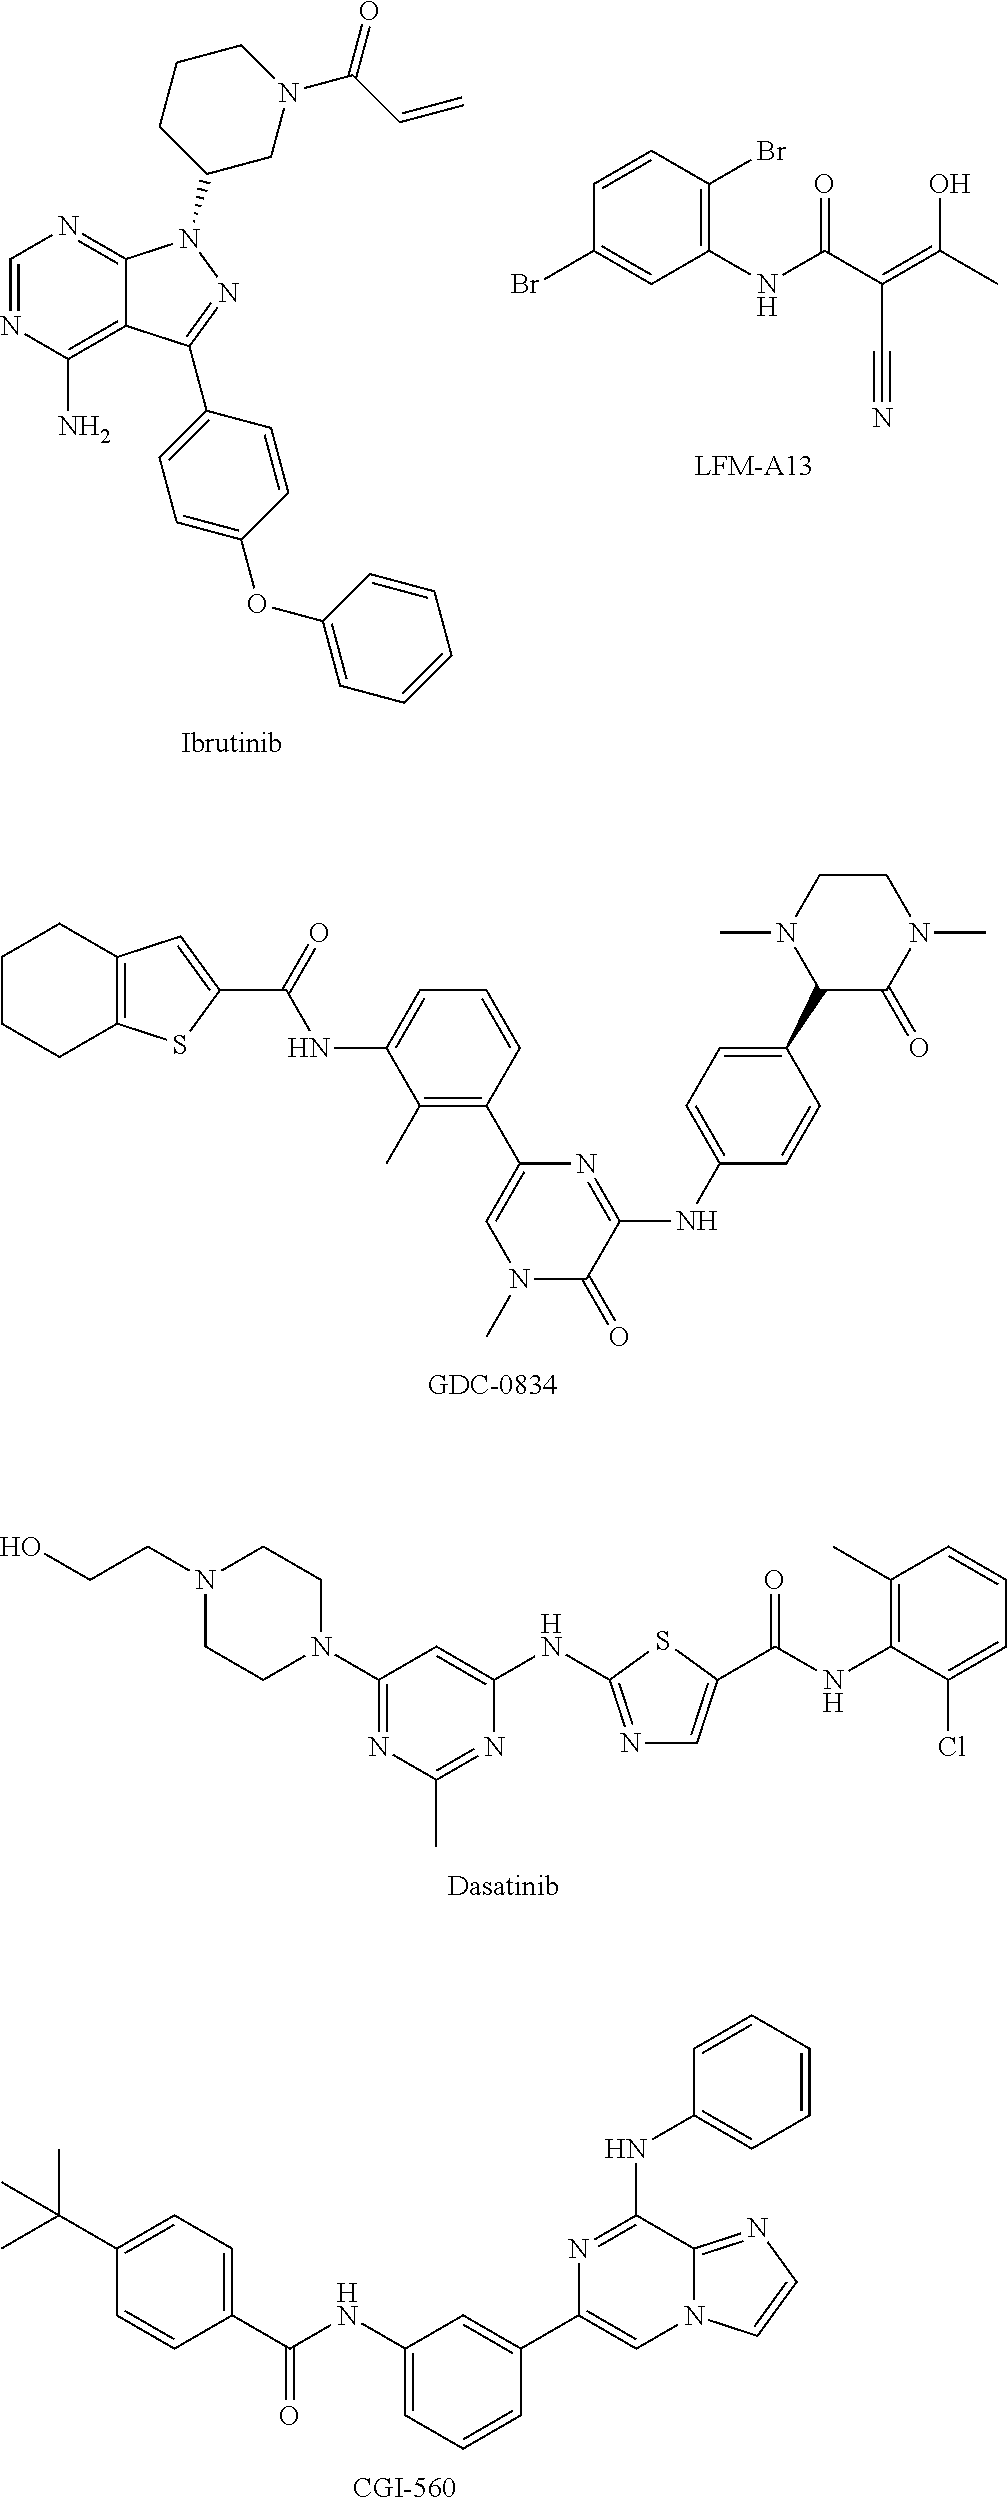 Figure US09999629-20180619-C00001